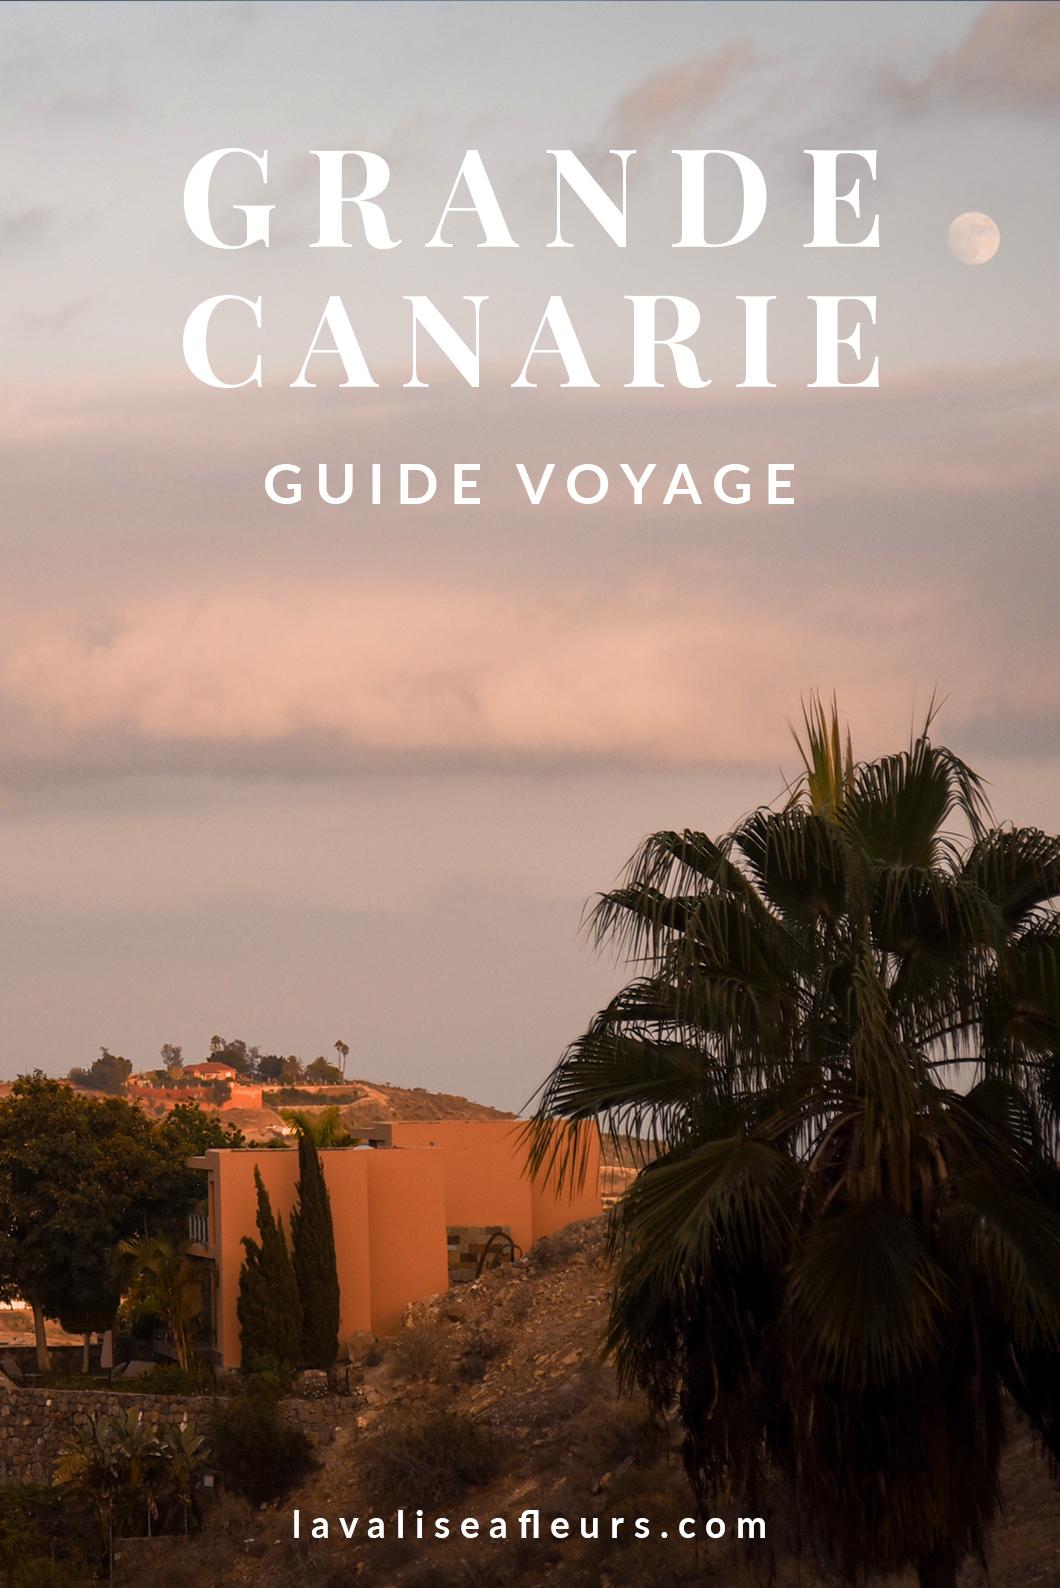 Guide voyage de Grande Canarie